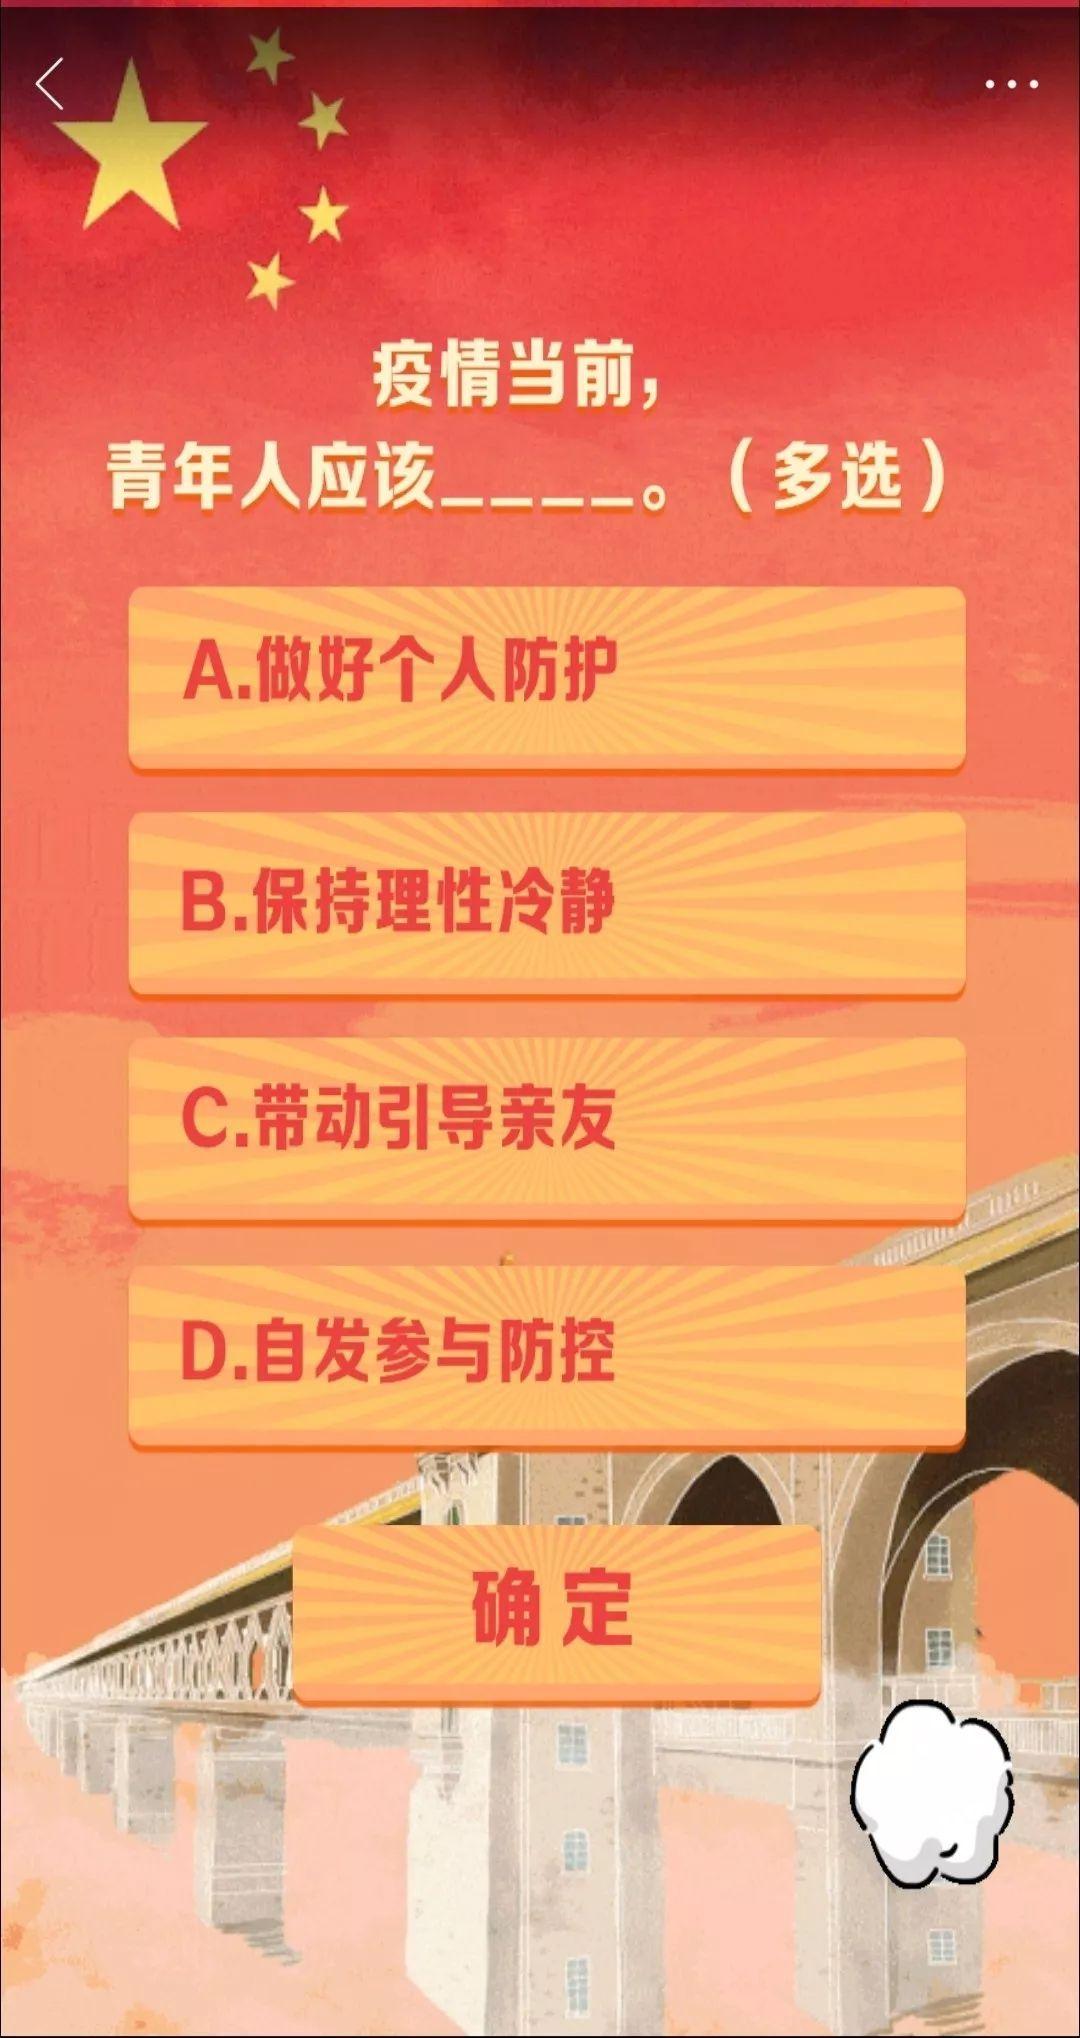 青年大学习电子书官方版平台登录图4: